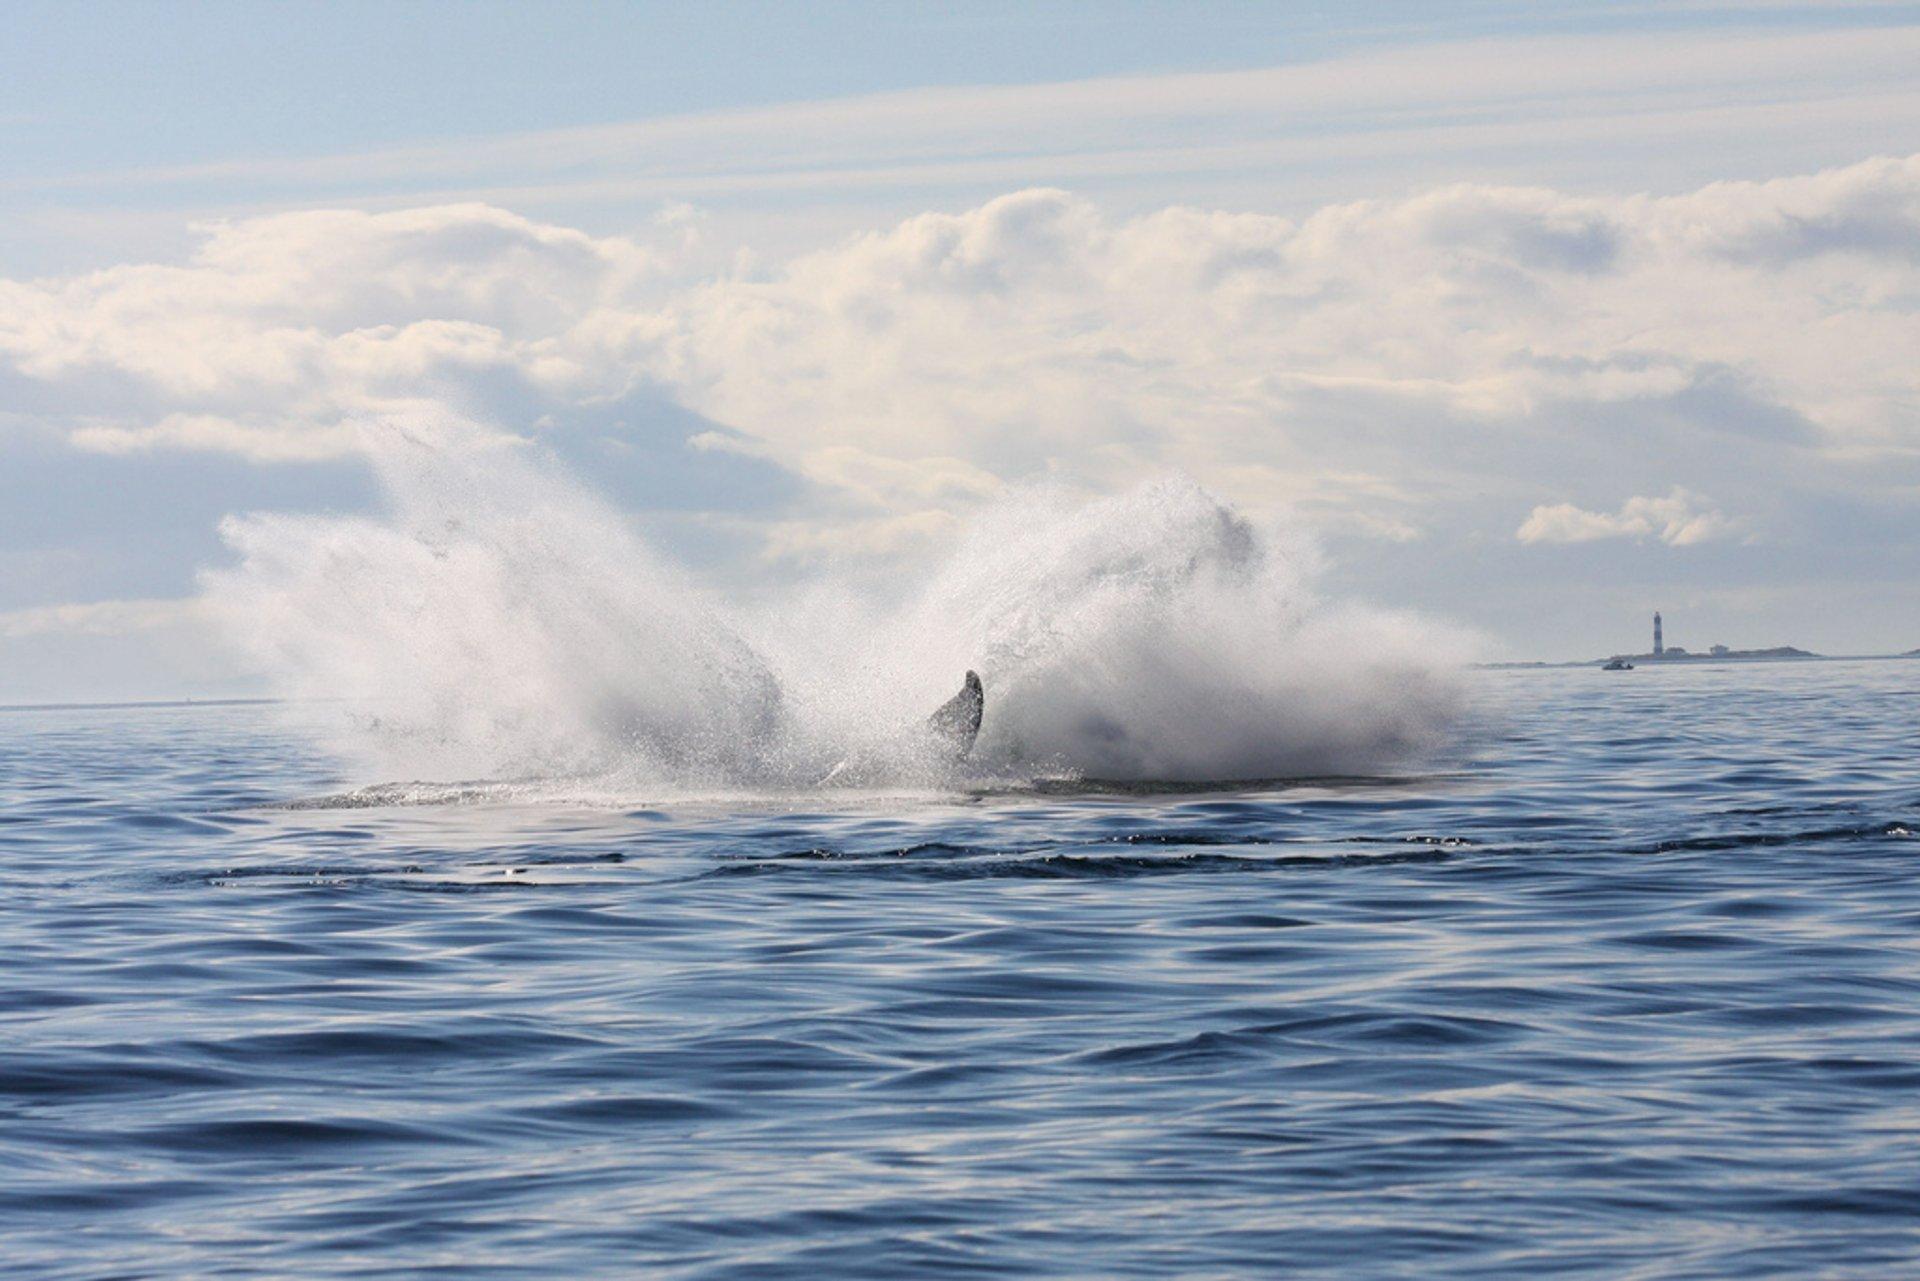 Humpback whale breaching 2020